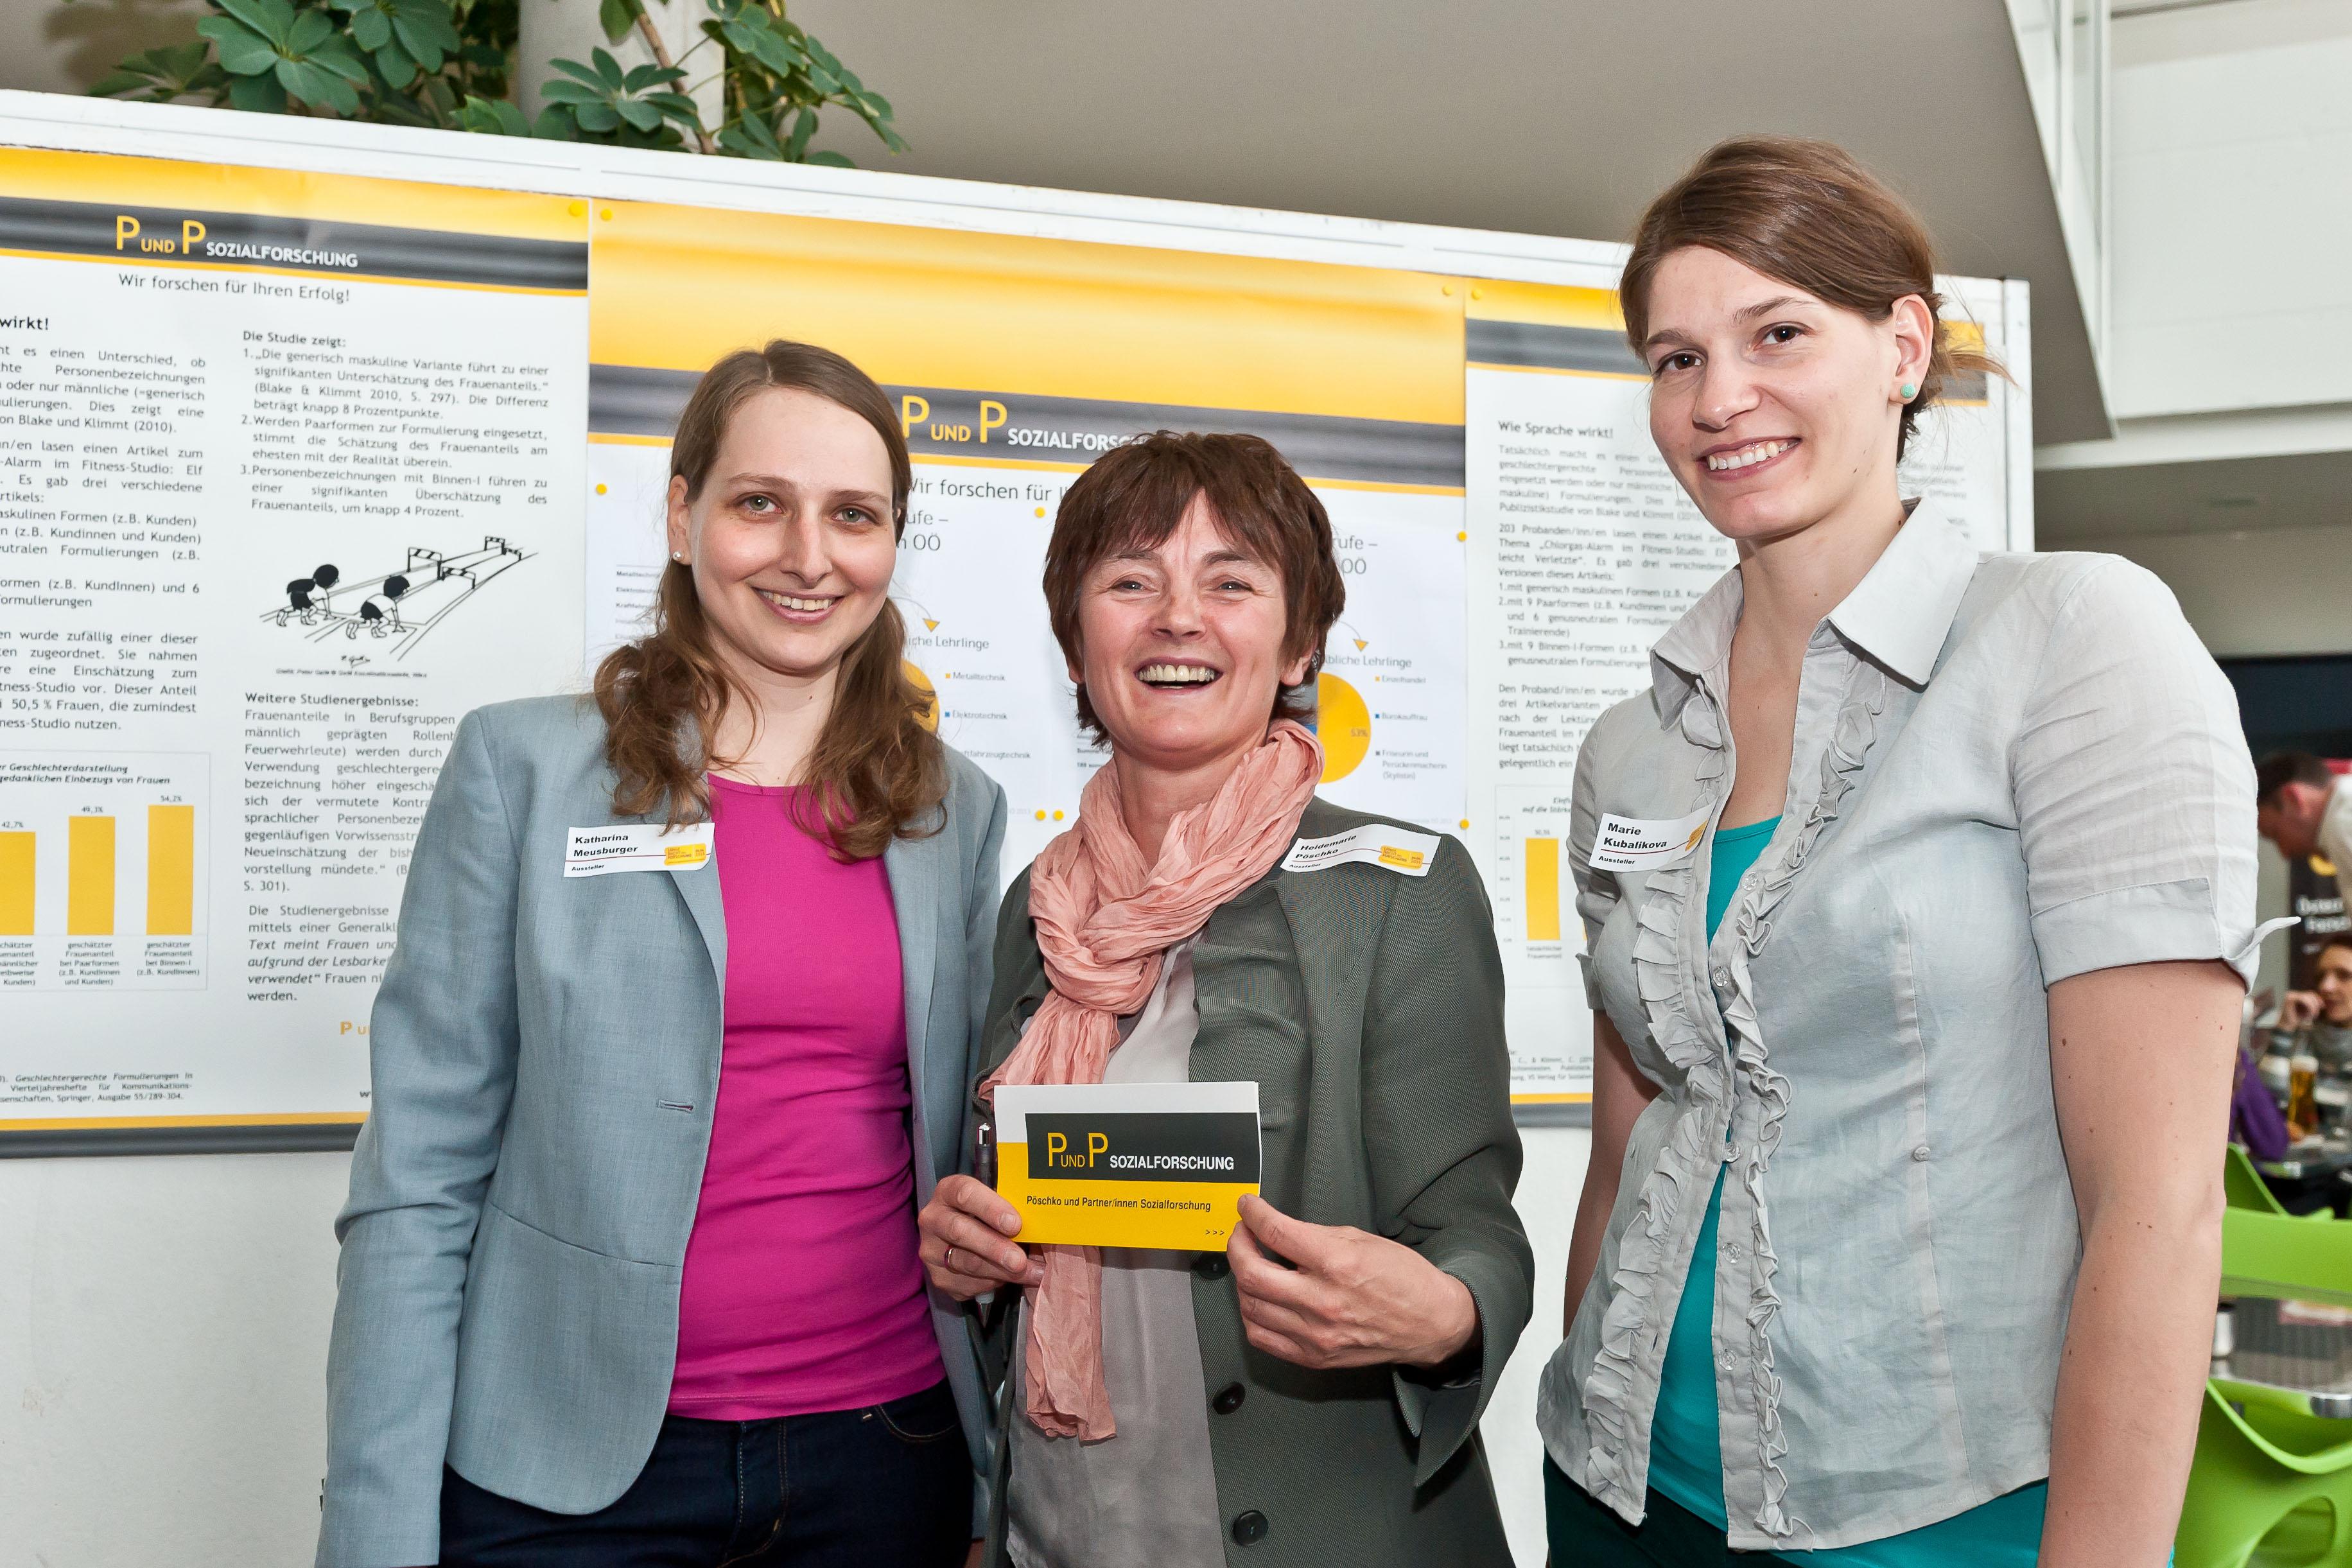 v.l.n.r.: P und P  Mitarbeiterin Katharina Meusburger, Geschäftsführerin  Heidemarie Pöschko und Praktikantin Marie Kubalikova